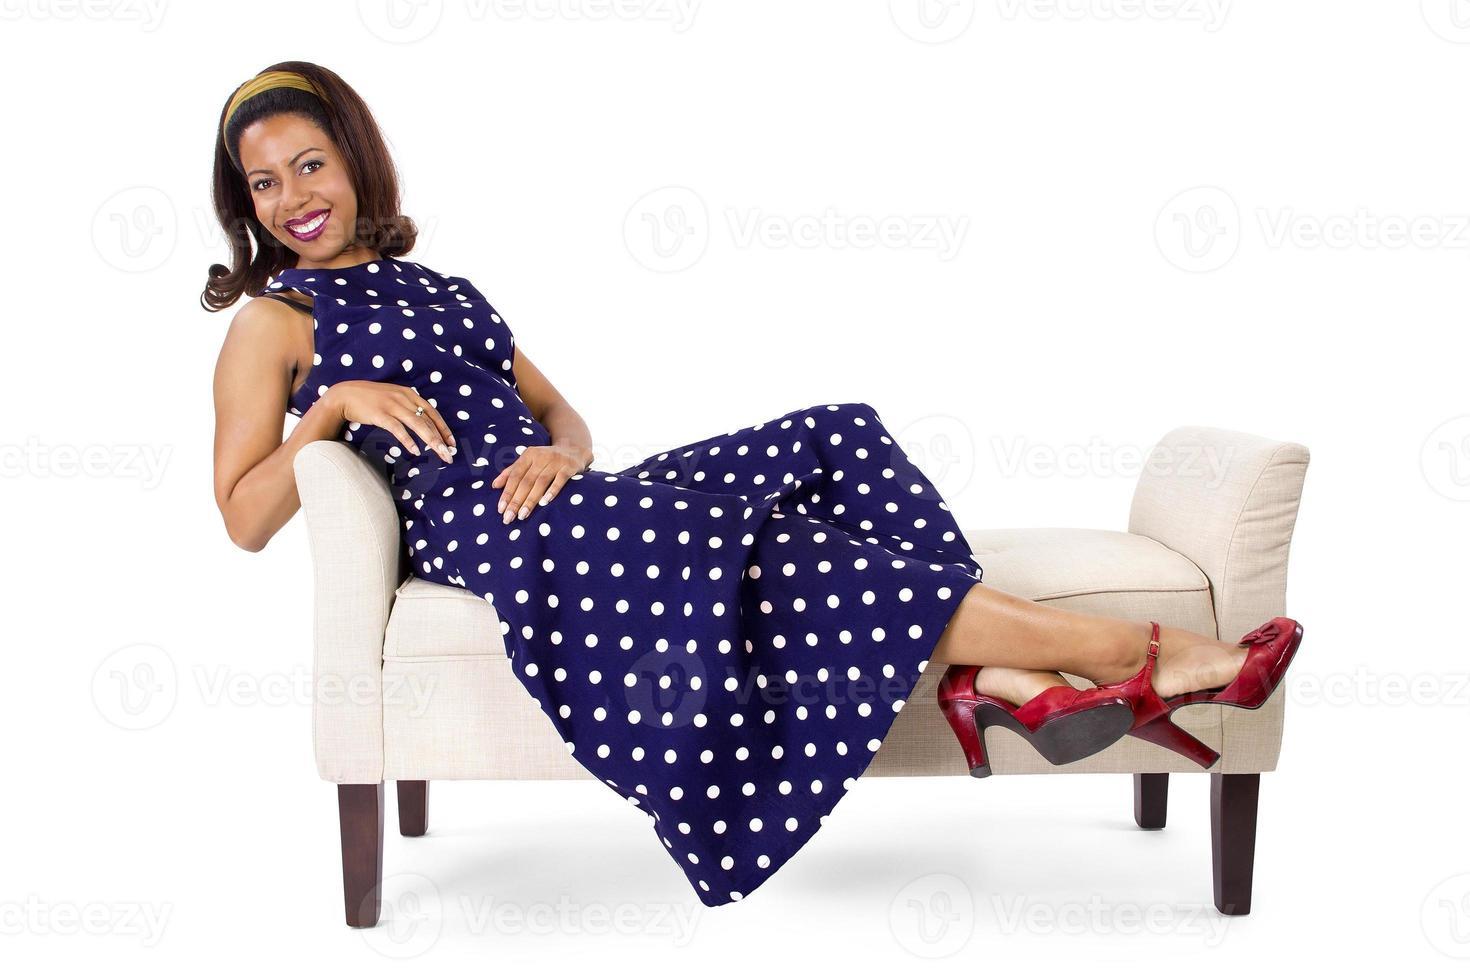 femme de style vintage portant sur une chaise photo